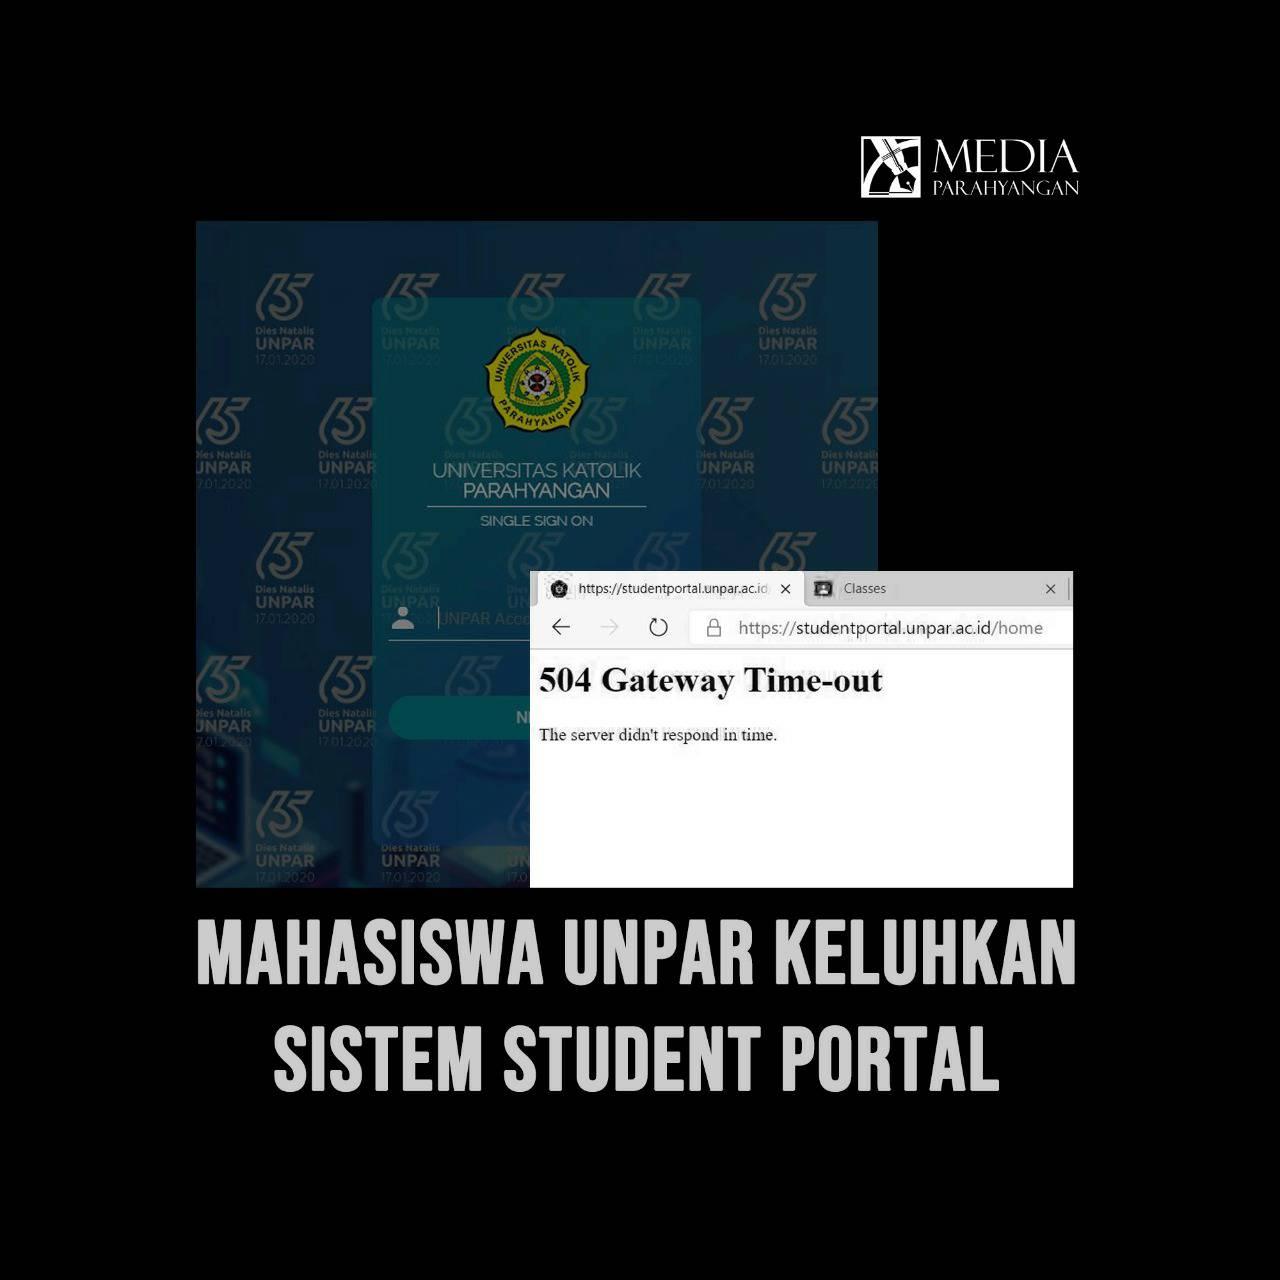 Mahasiswa Unpar Keluhkan  Sistem Student Portal